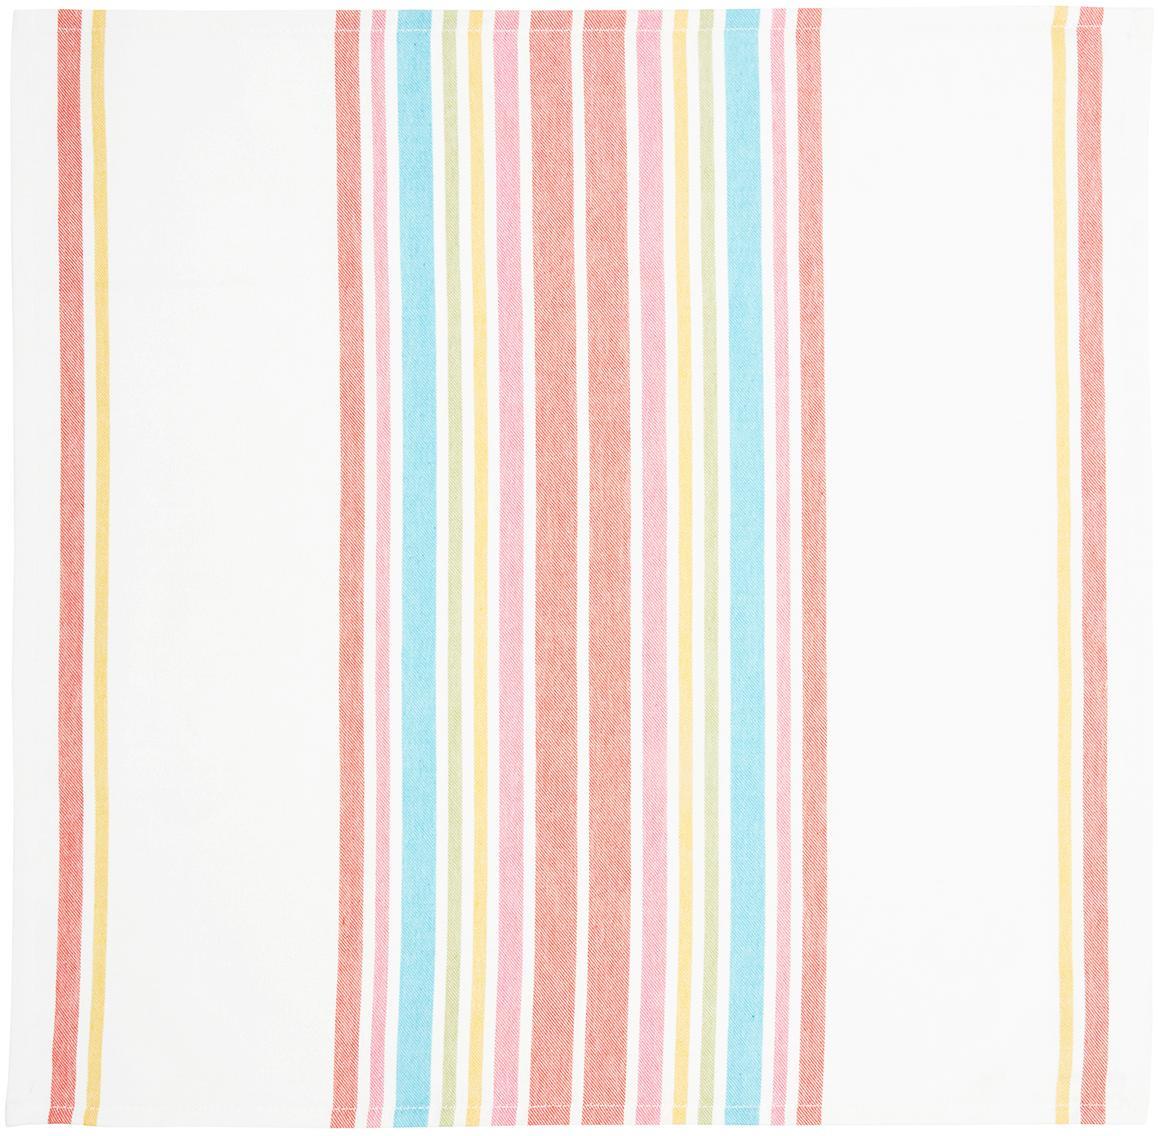 Serwetka z bawełny Katie, 2 szt., Bawełna, Wielobarwny, S 50 x D 50 cm